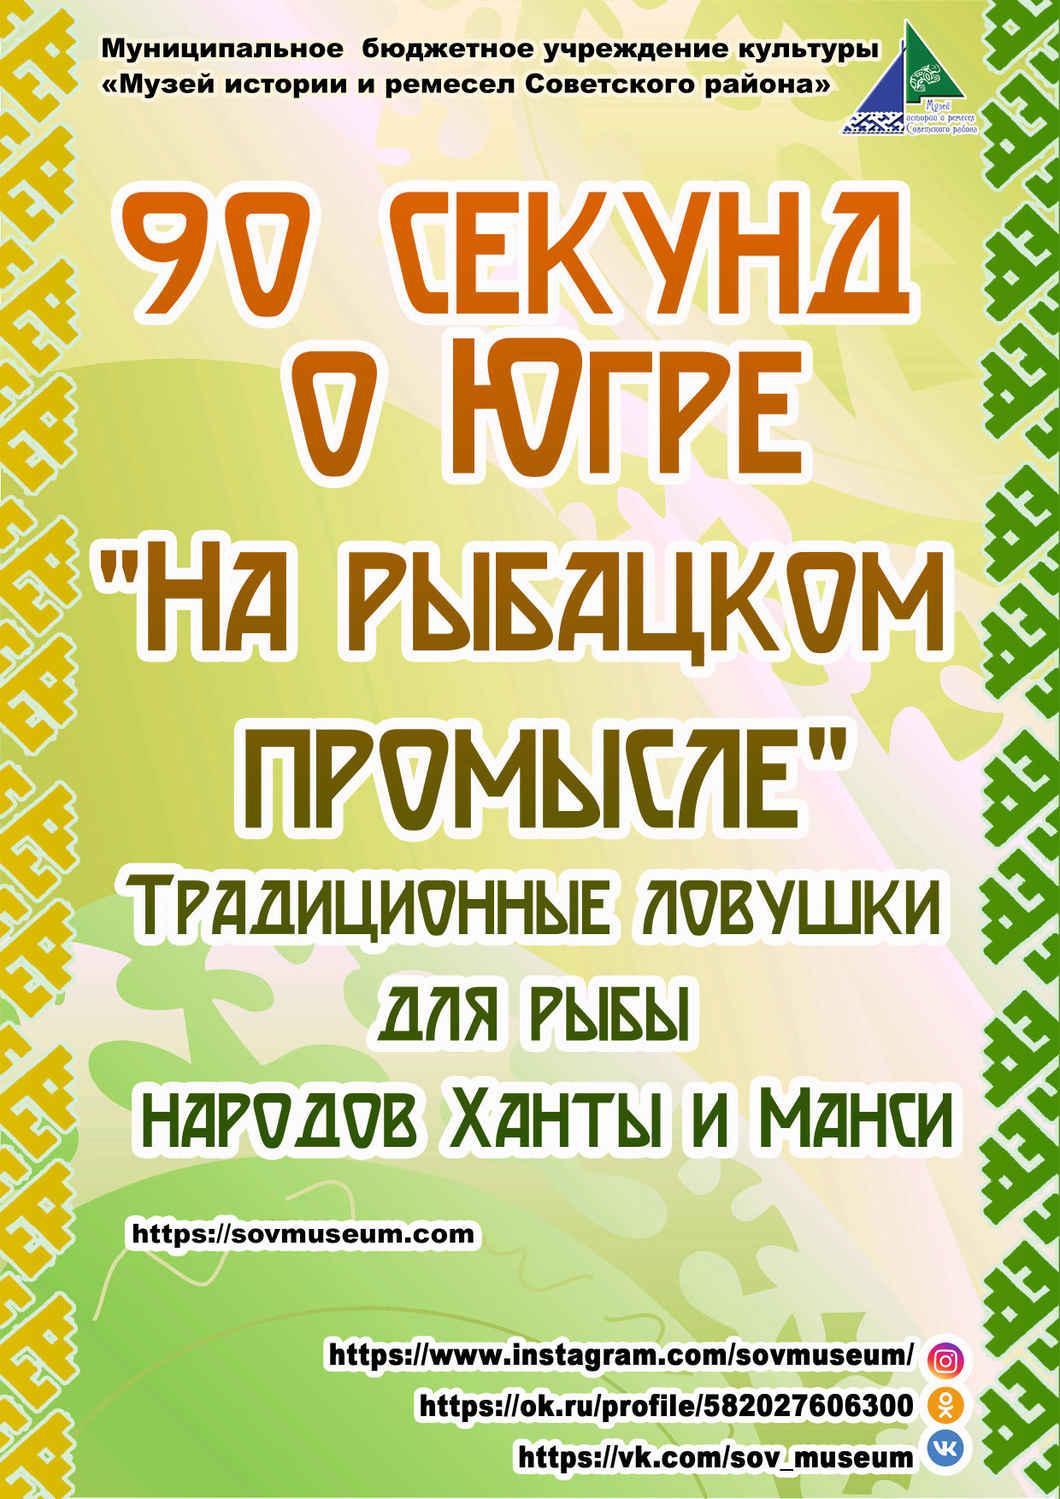 «Традиционные ловушки для рыбы народов Ханты и Манси